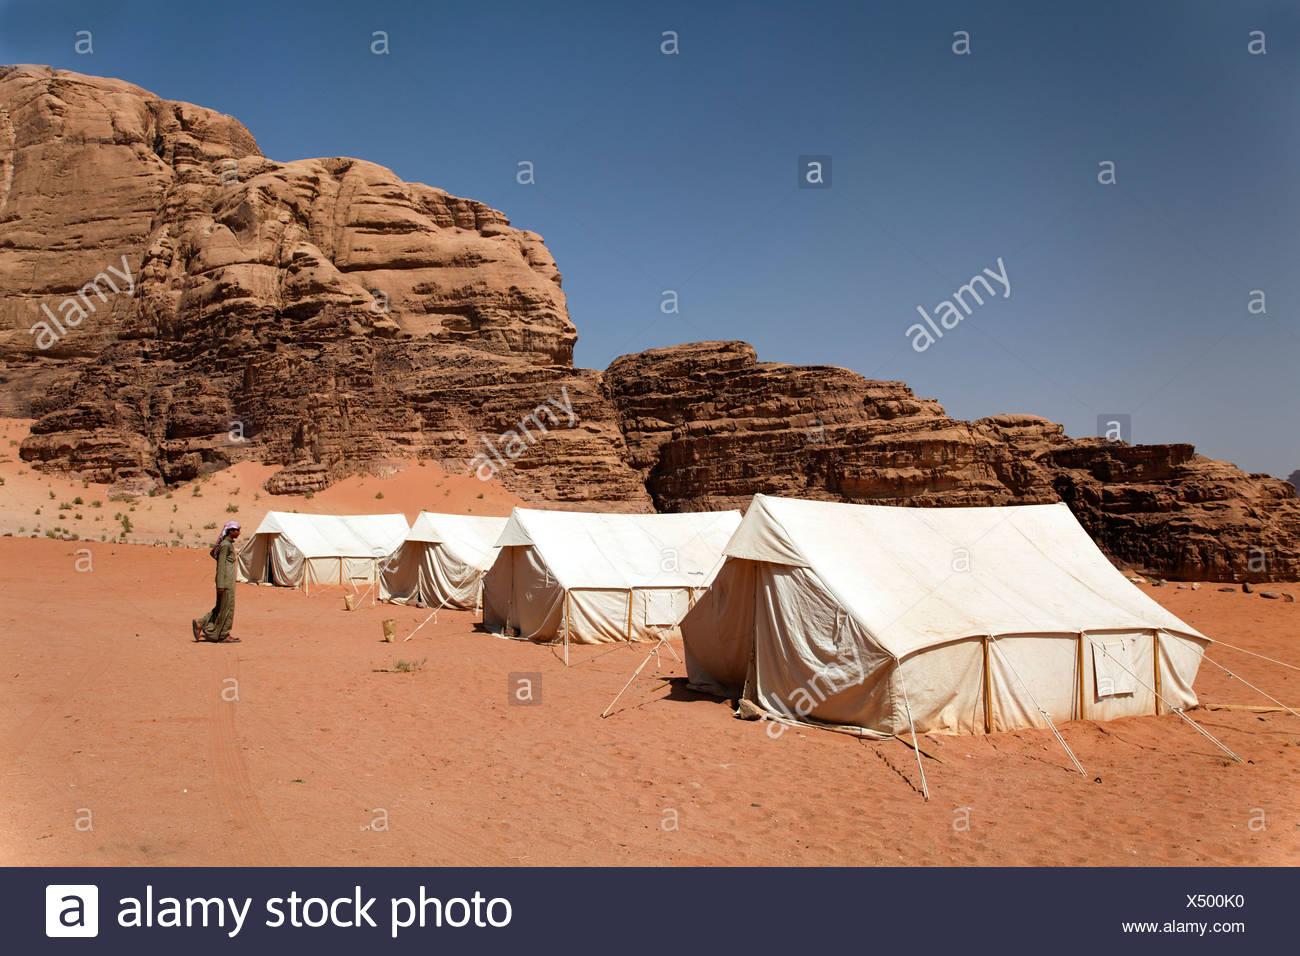 Il camp per turisti, tende, beduino, montagne, deserto, Nature Preserve, Wadi Rum, il Regno hascemita di Giordania, Medio Oriente e Asia Immagini Stock